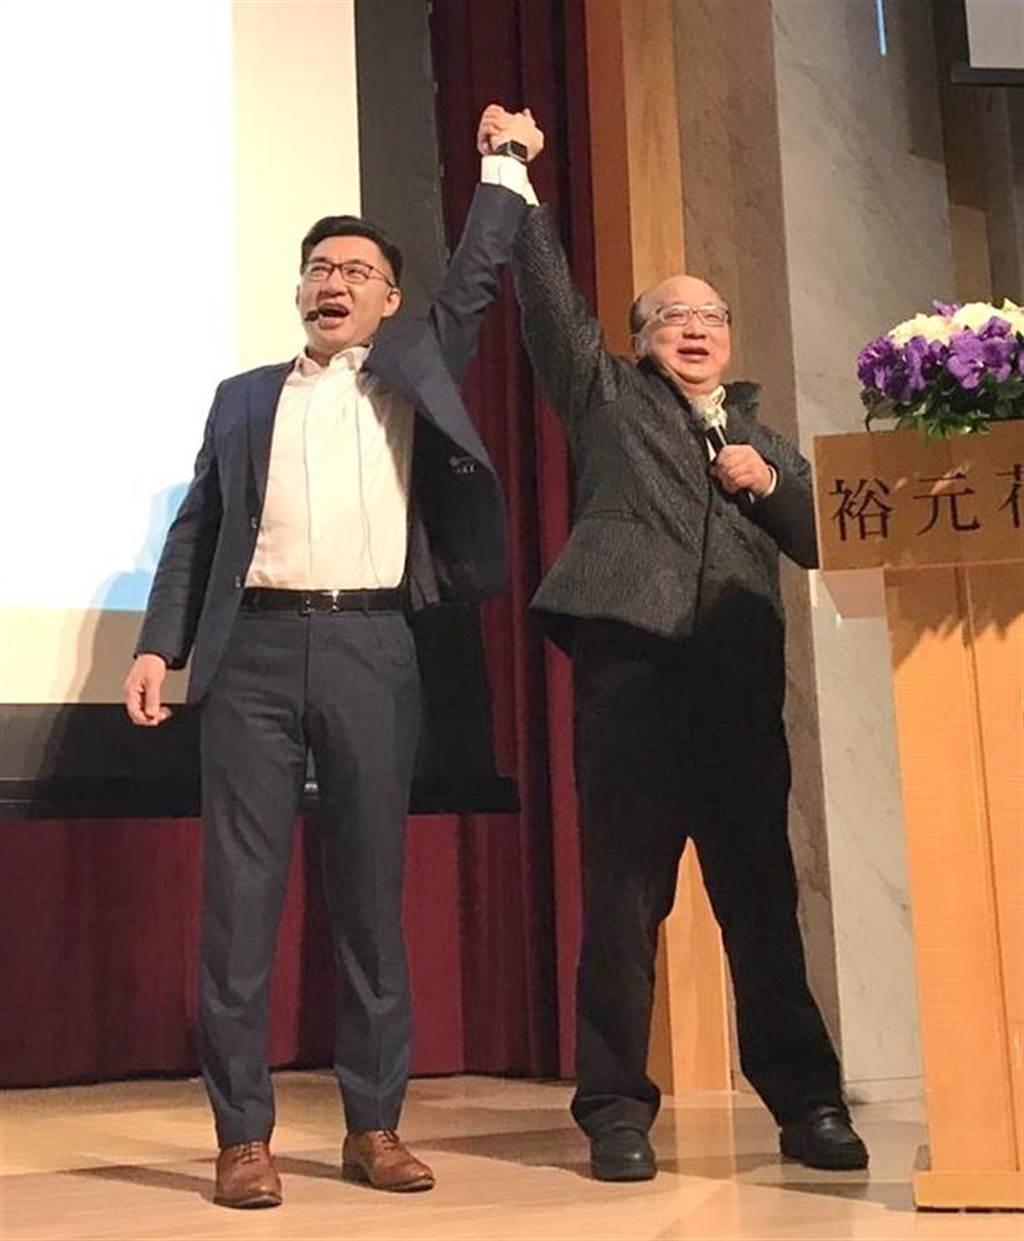 前台中市長胡志強力挺江啟臣連任,強調國民黨必須世代交替、團結,讓年輕人多說話、做對事。(資料照.盧金足攝)